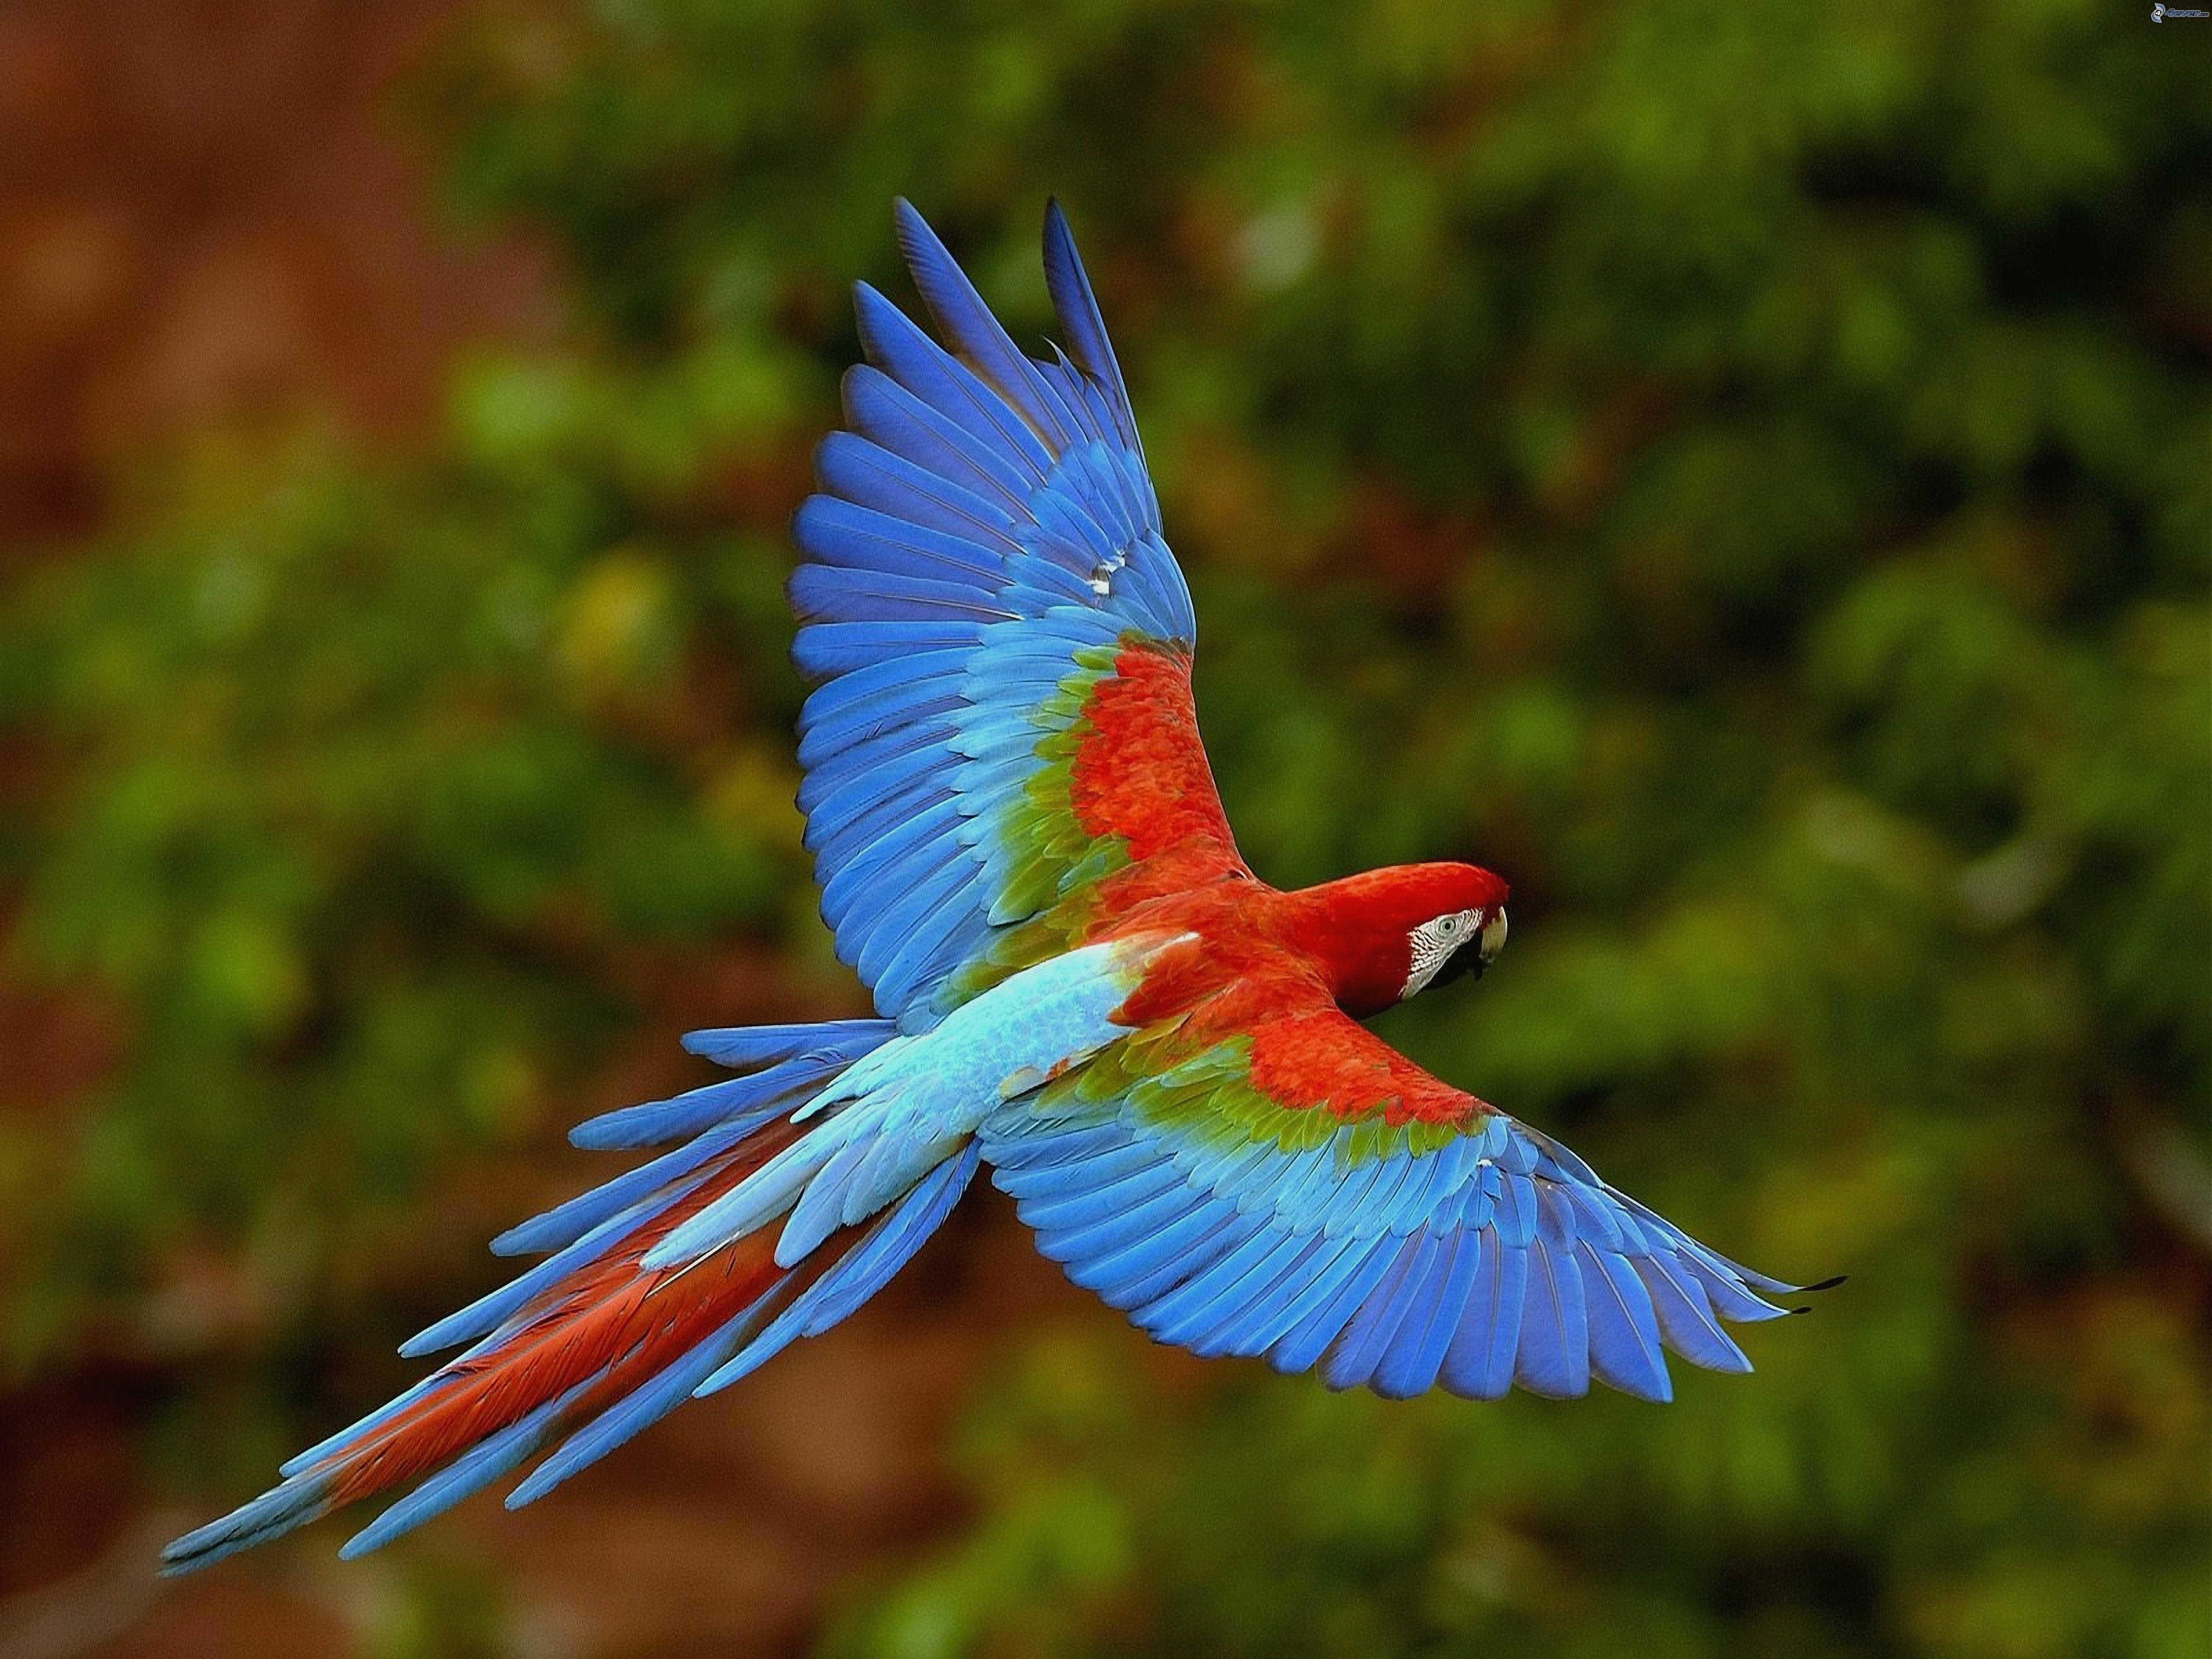 عکس زیباترین طوطی های جهان